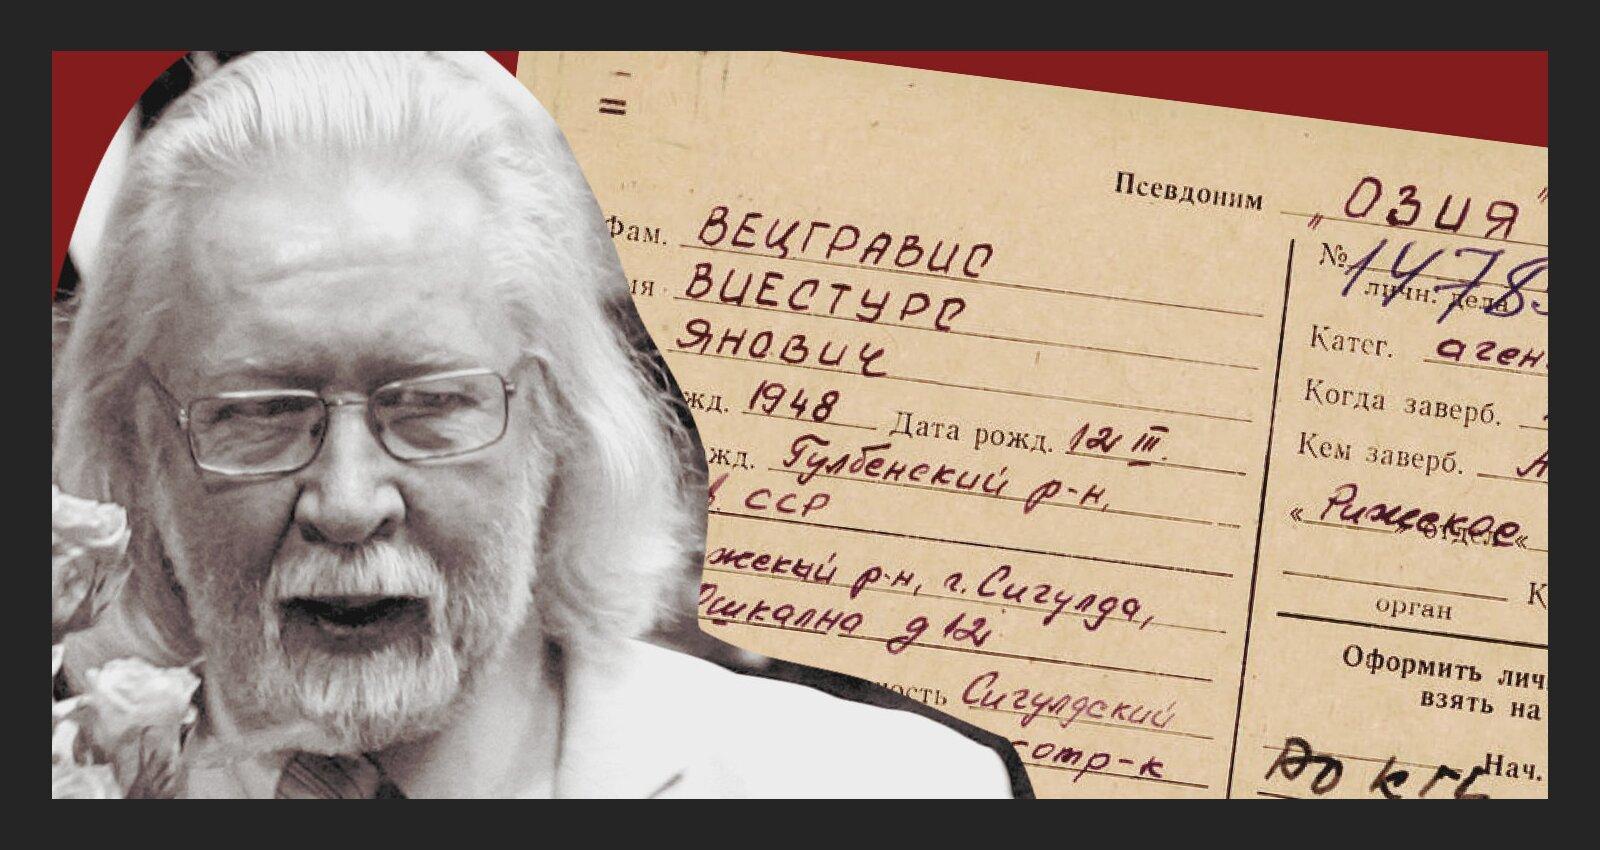 'Maisi vaļā': Aģents 'Ozija' ziņo par grāmatniekiem un literātiem; profesors Vecgrāvis: 'Tagad negribu runāt'